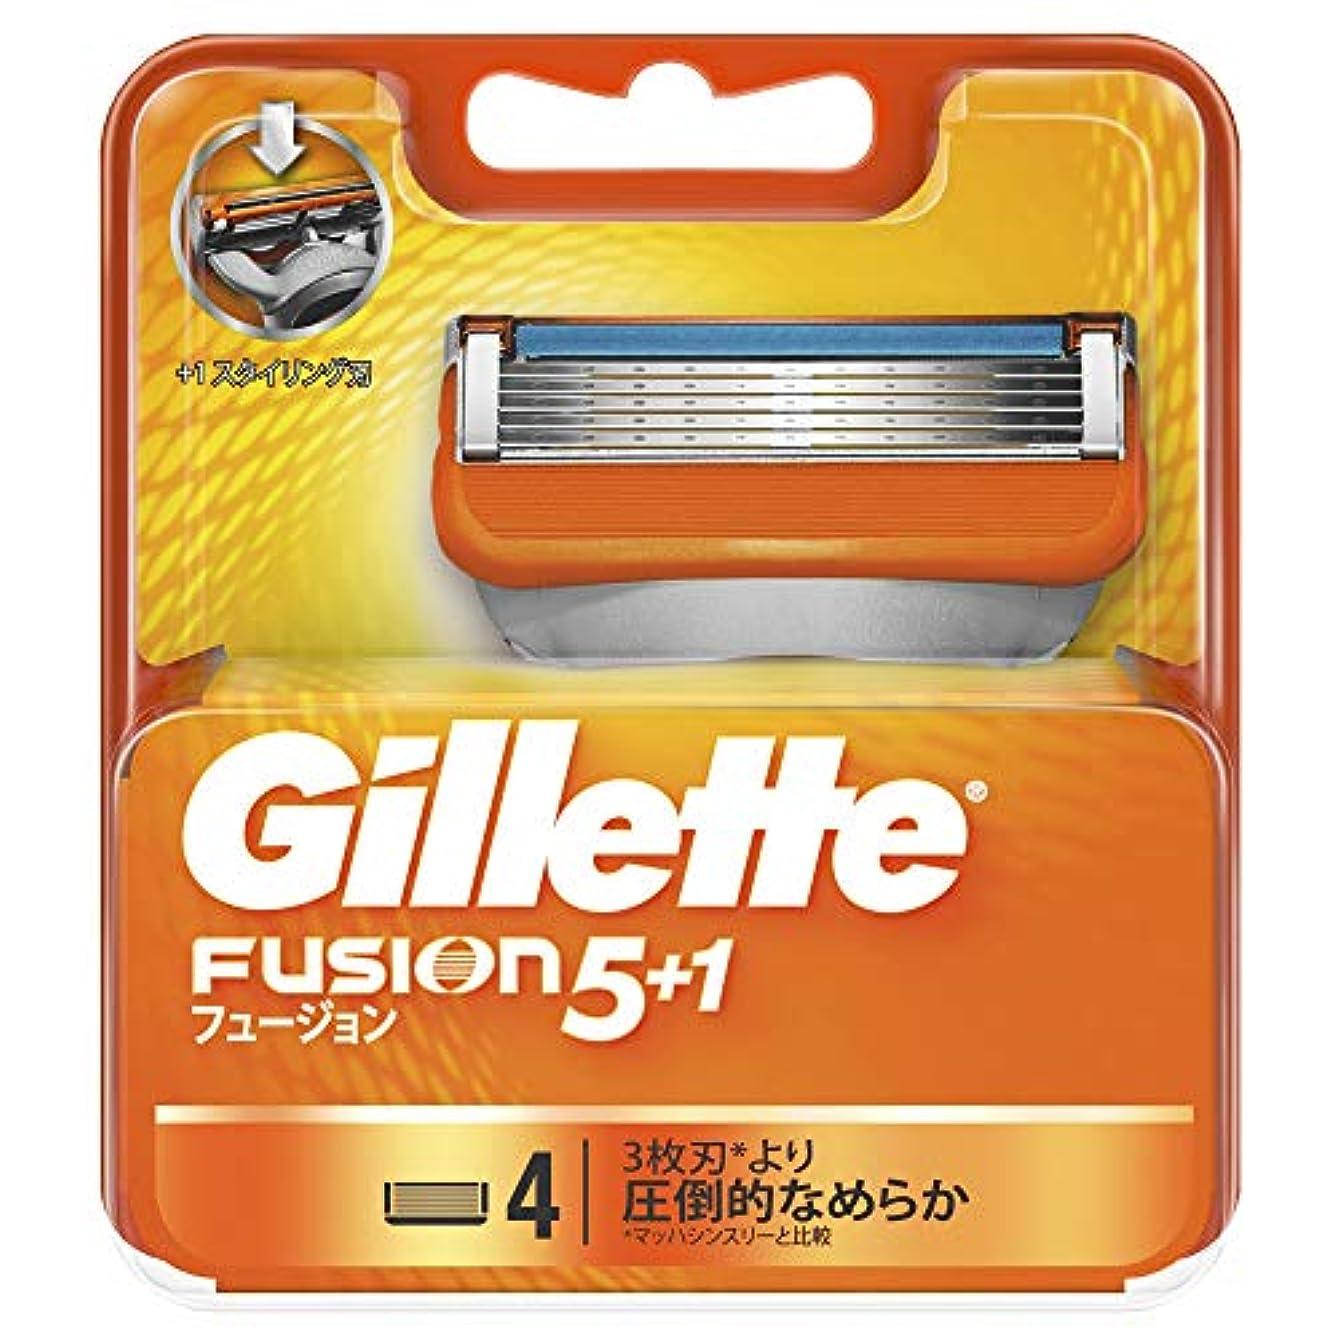 削る役立つ以下ジレット フュージョン5+1 マニュアル 髭剃り 替刃 4コ入